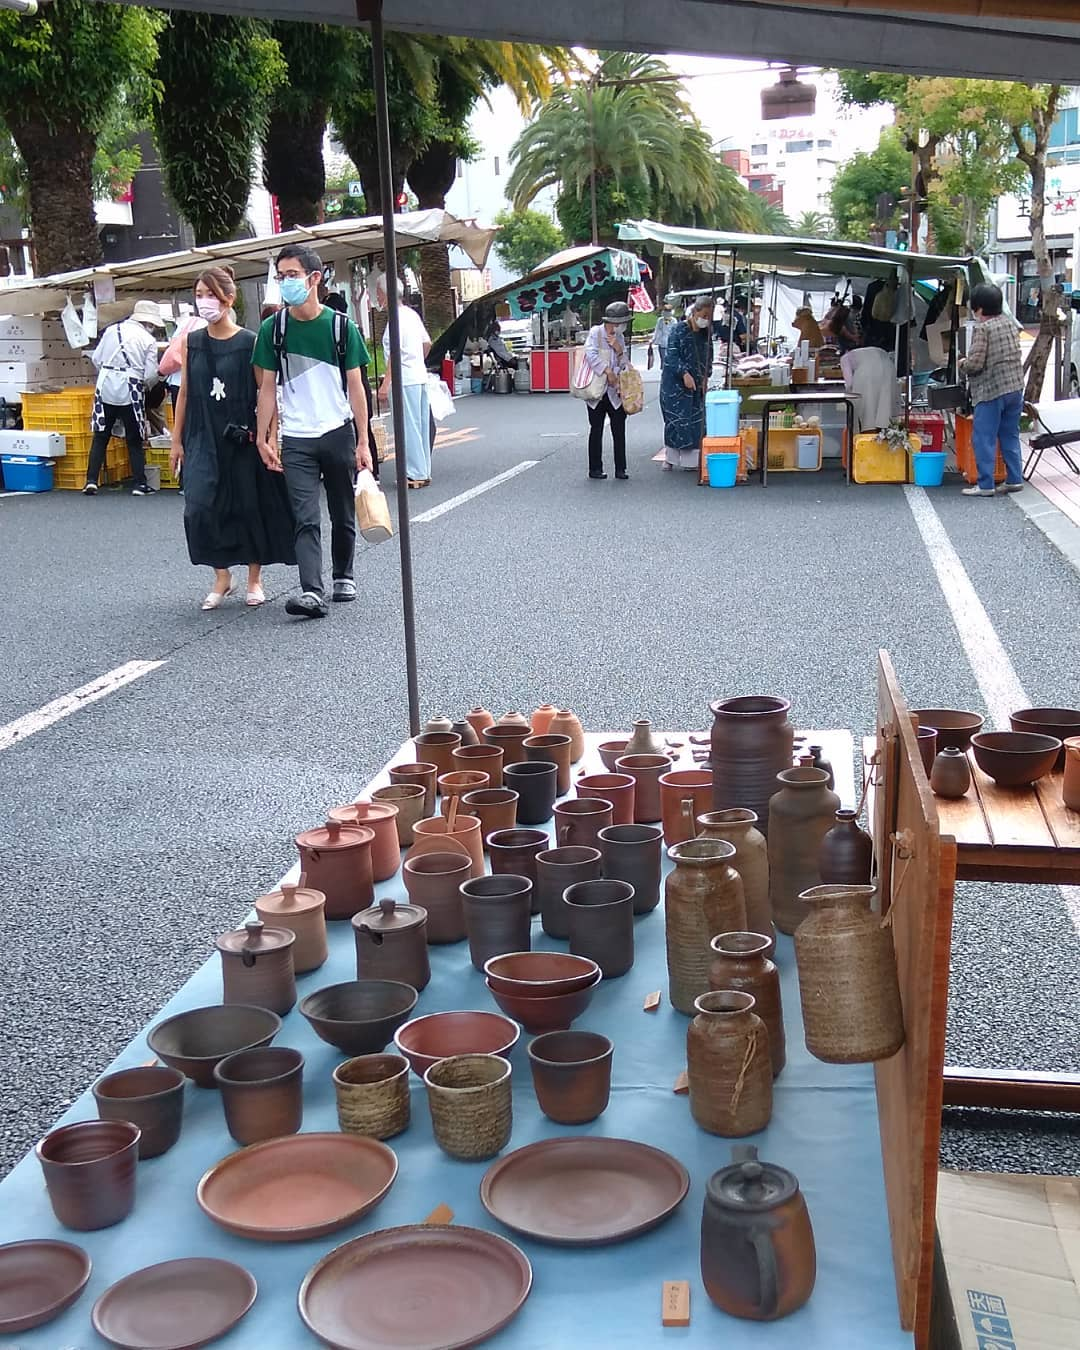 日曜市4丁目238。新荘川焼。 今日は人出は少ないけど、丁度歩きやすい天気です。#sundaymarket#kouchijapan#pottery